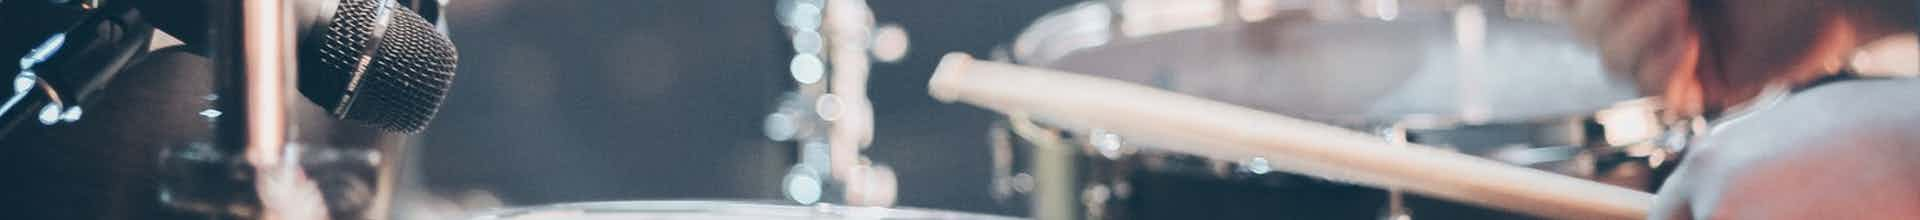 percussie boeken_3